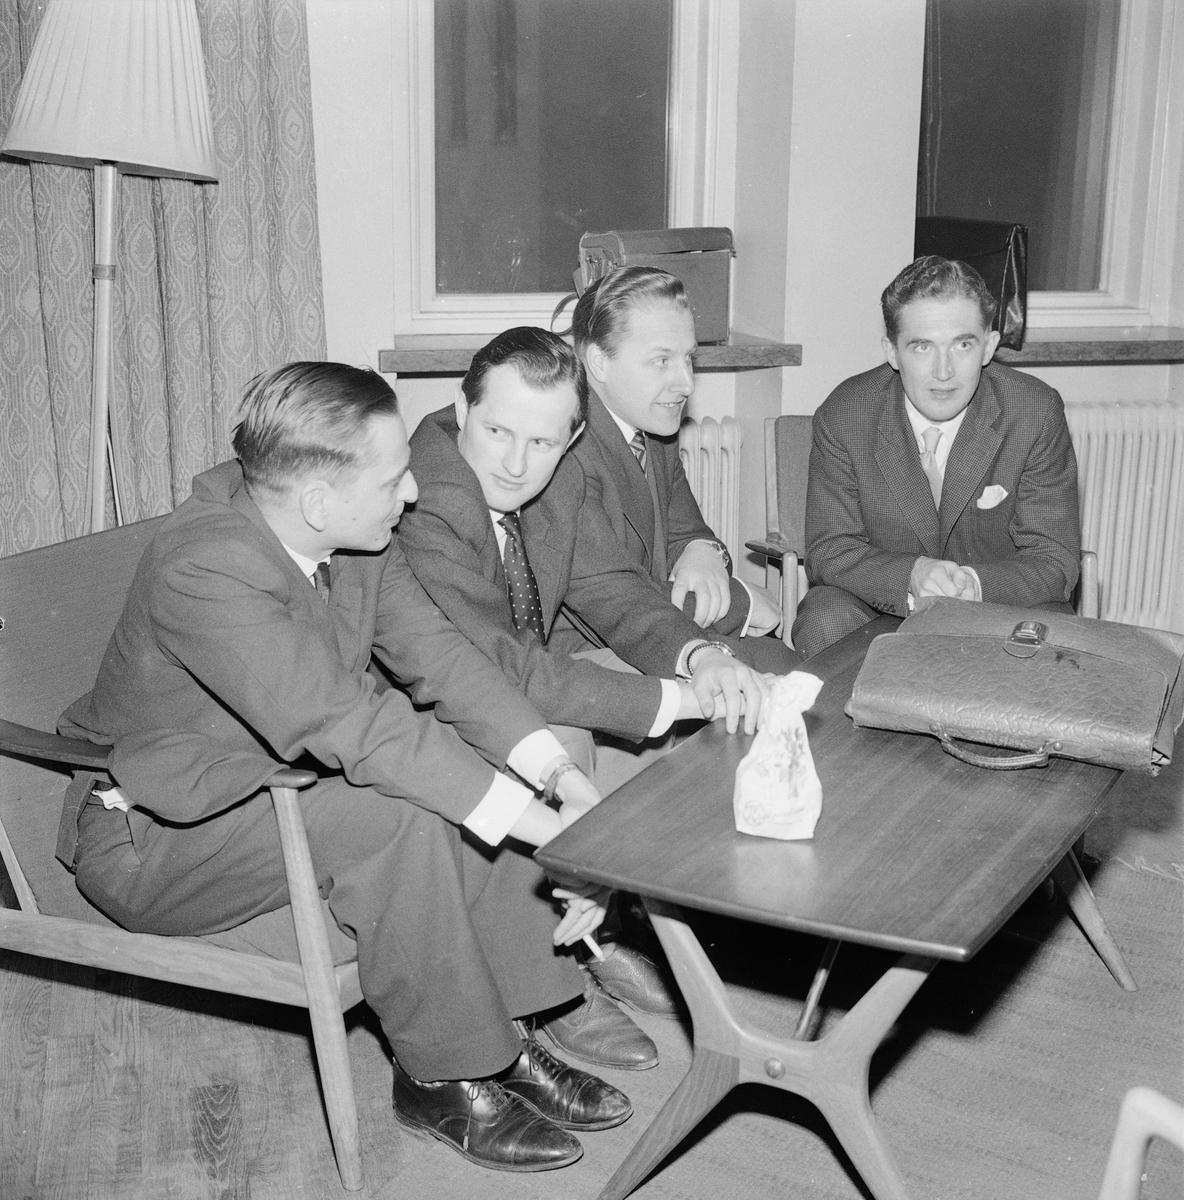 """""""Kulturpolitiska krav tog luften ur 60-talsdebattörer"""" - debattinledarna Olof Palme, Georg Nyström, Olof Jonsson och Sven Johansson, Gästrike-Hälsinge nation, Uppsala 1959"""